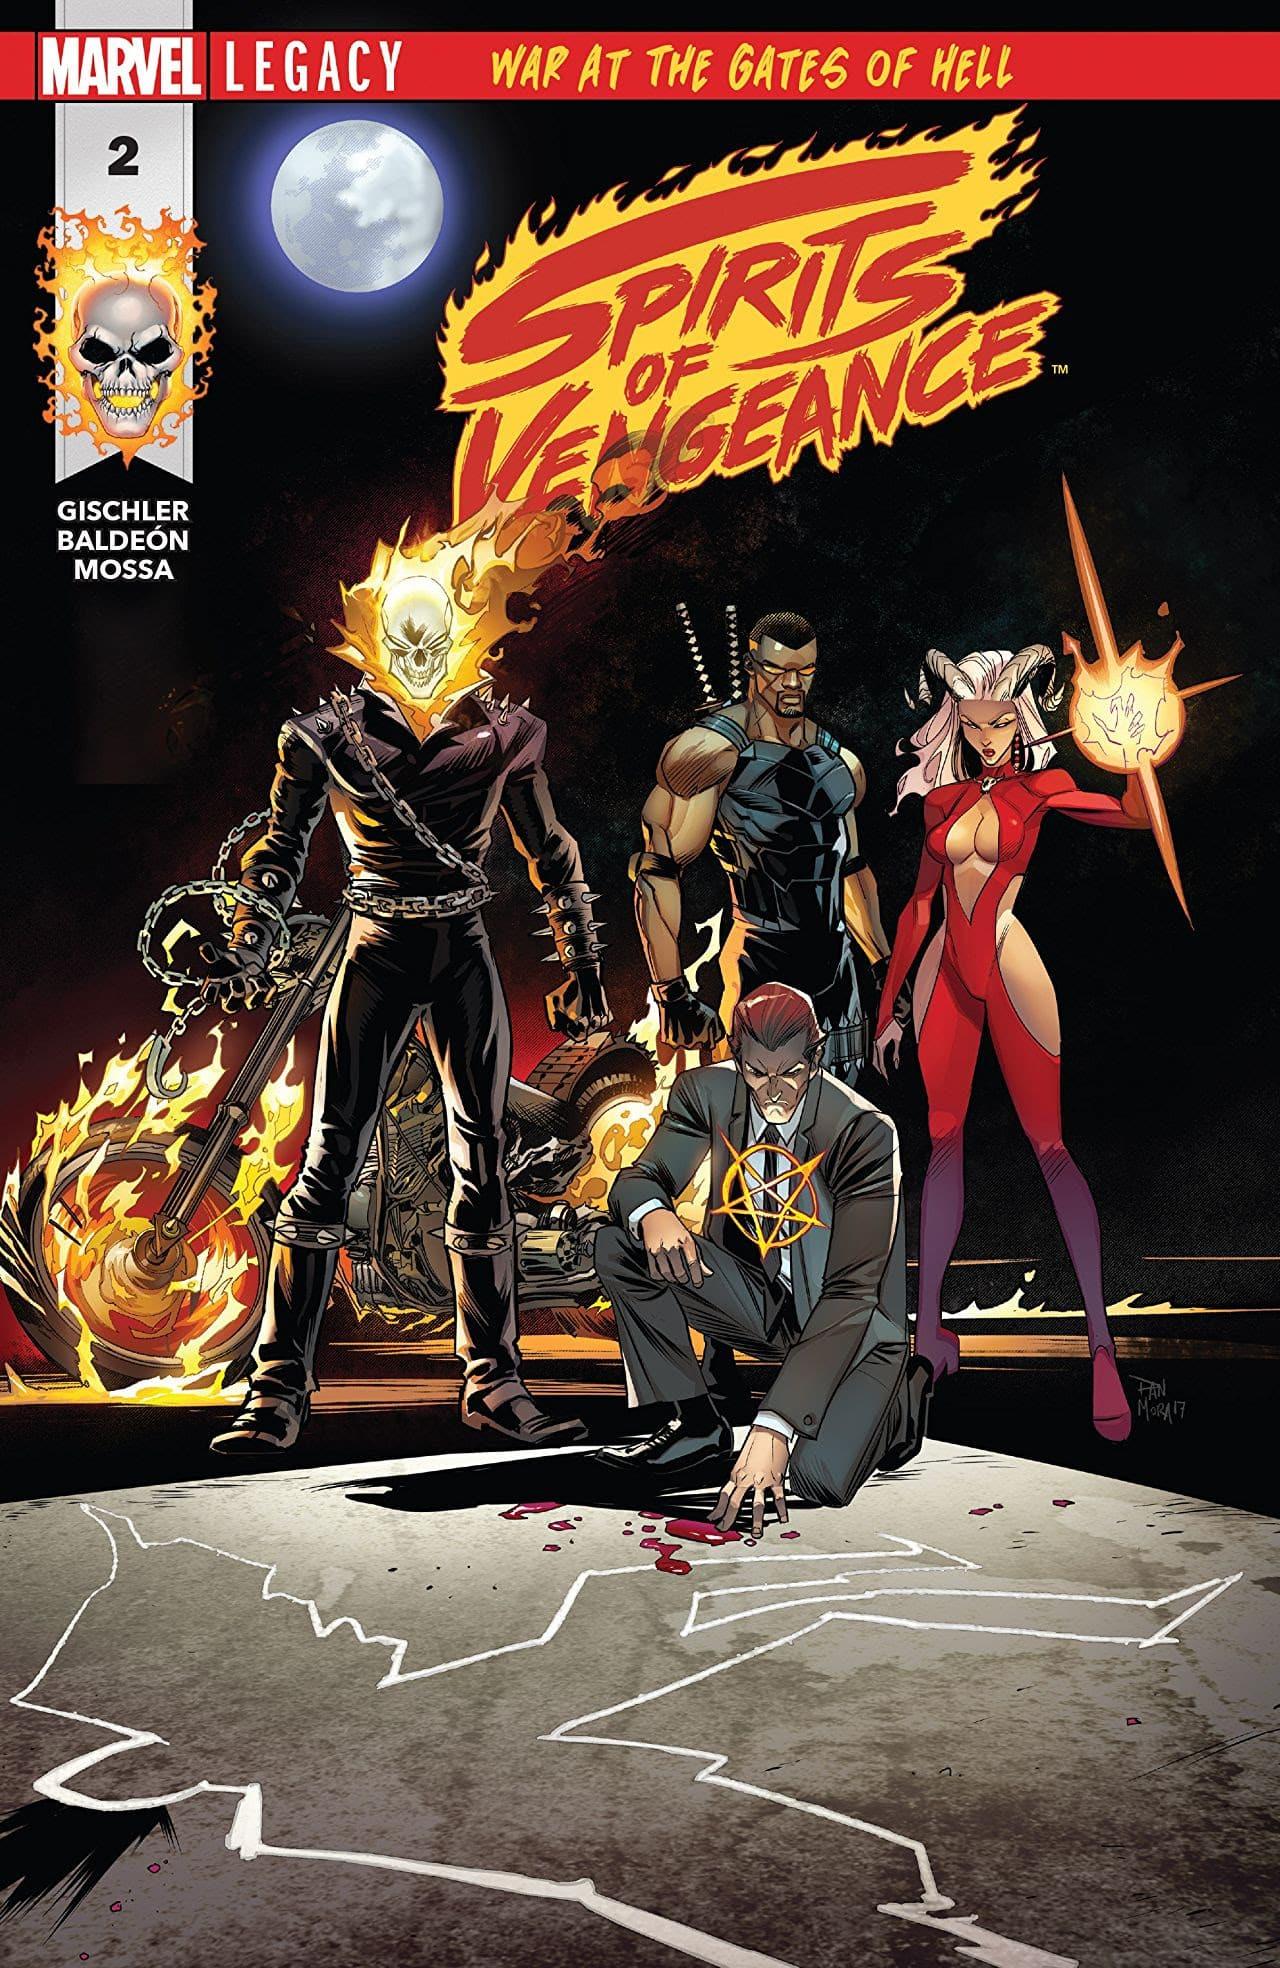 Os Espíritos da Vingança da Marvel 1